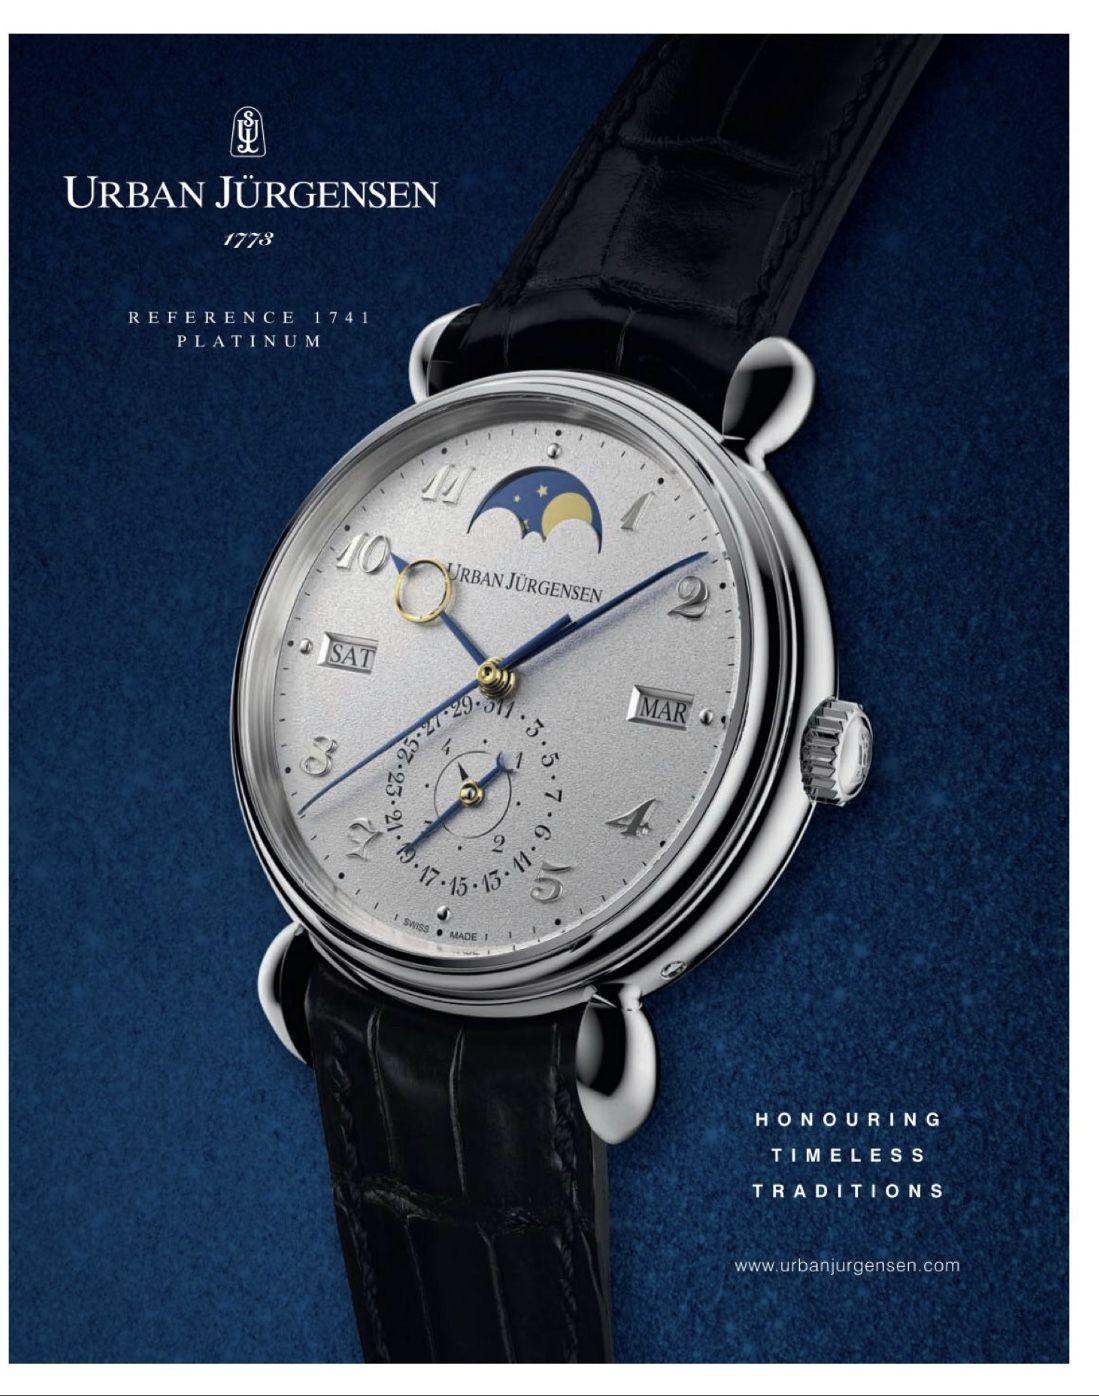 a4642304536 Pin de Levi Castro em Relógios Urban Jürgensen em 2019